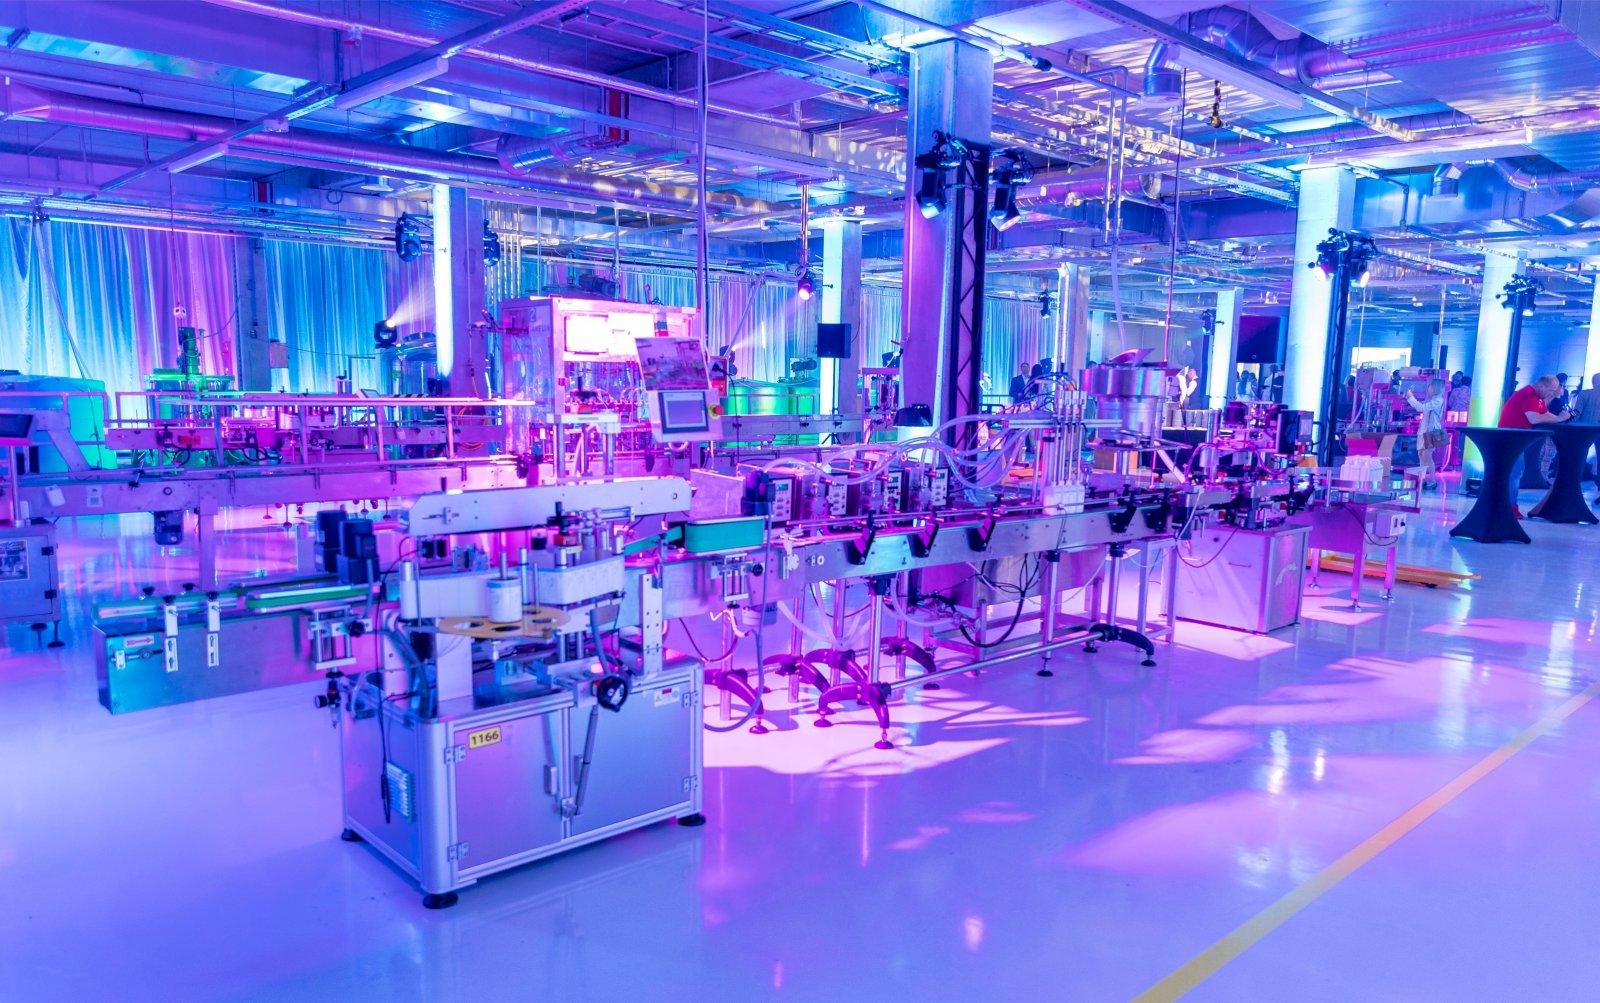 Eesti ettevõte toob turule koroonavastase sprei